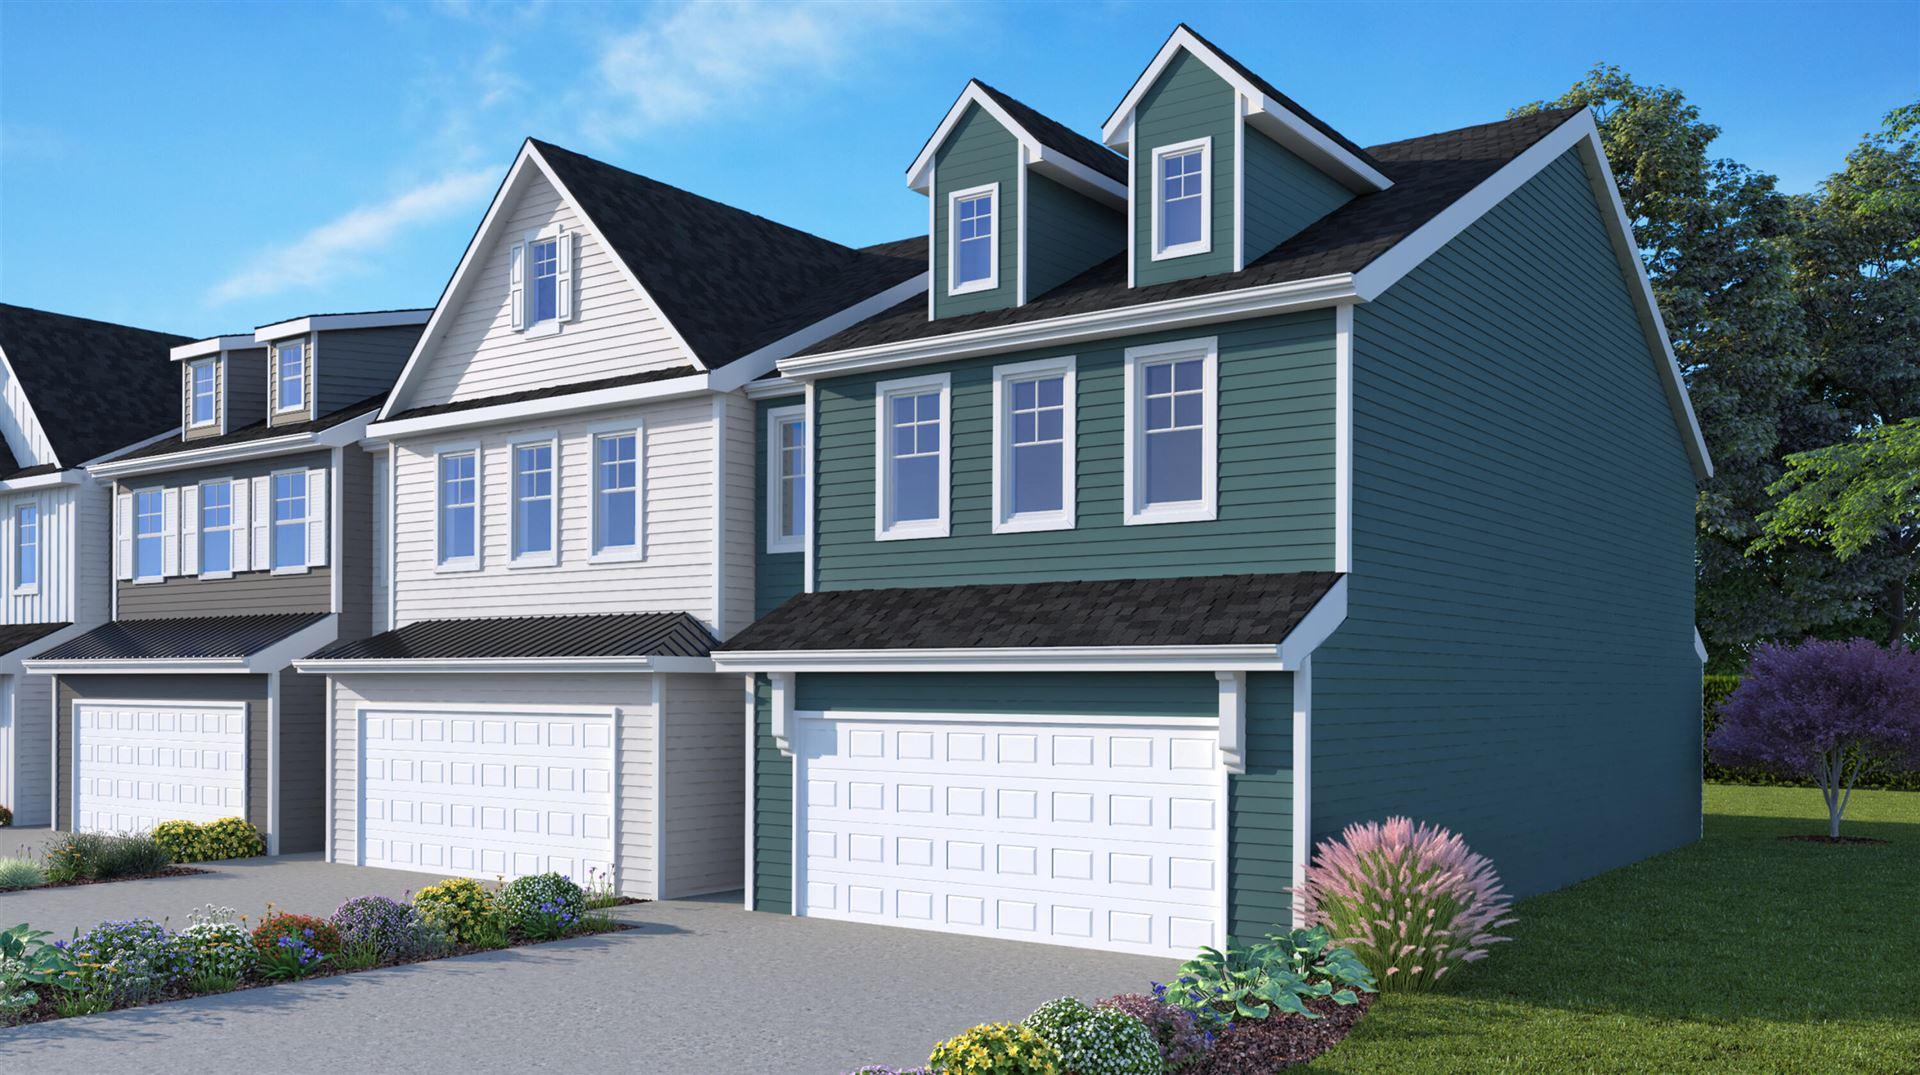 3148 Turret Drive SE #30, Kentwood, MI 49512 - MLS#: 21108147